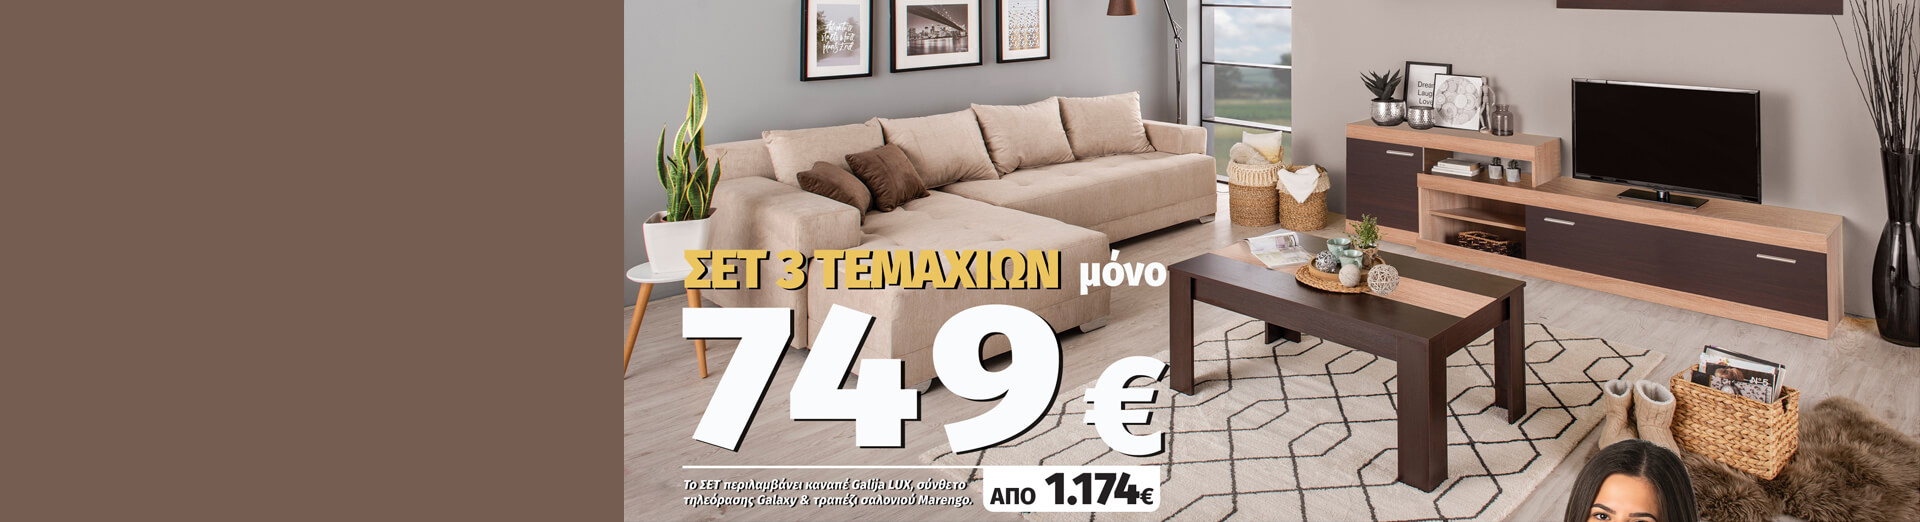 set-3-temaxion-sales